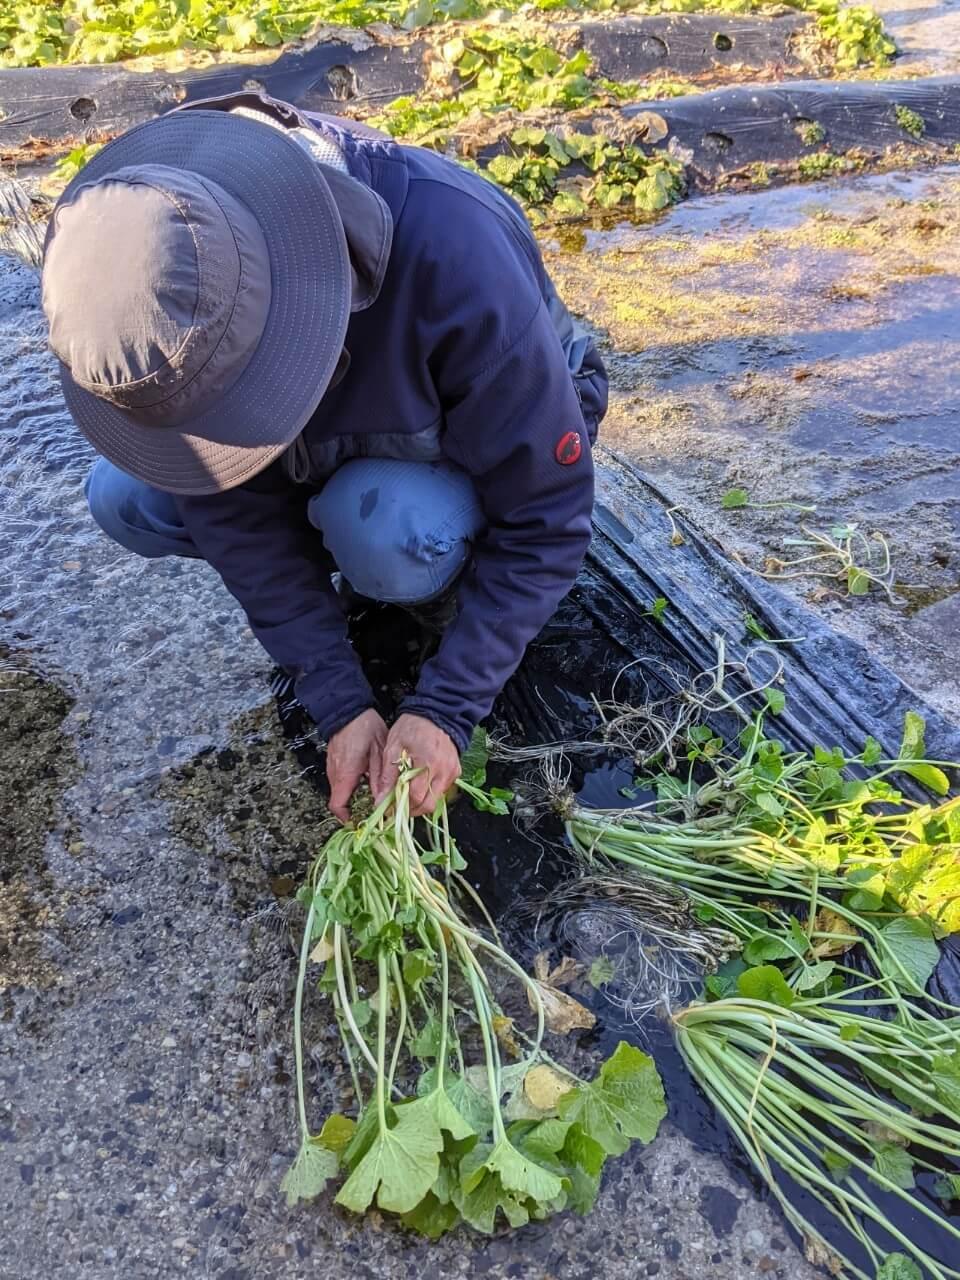 azumino-wasabi-picking